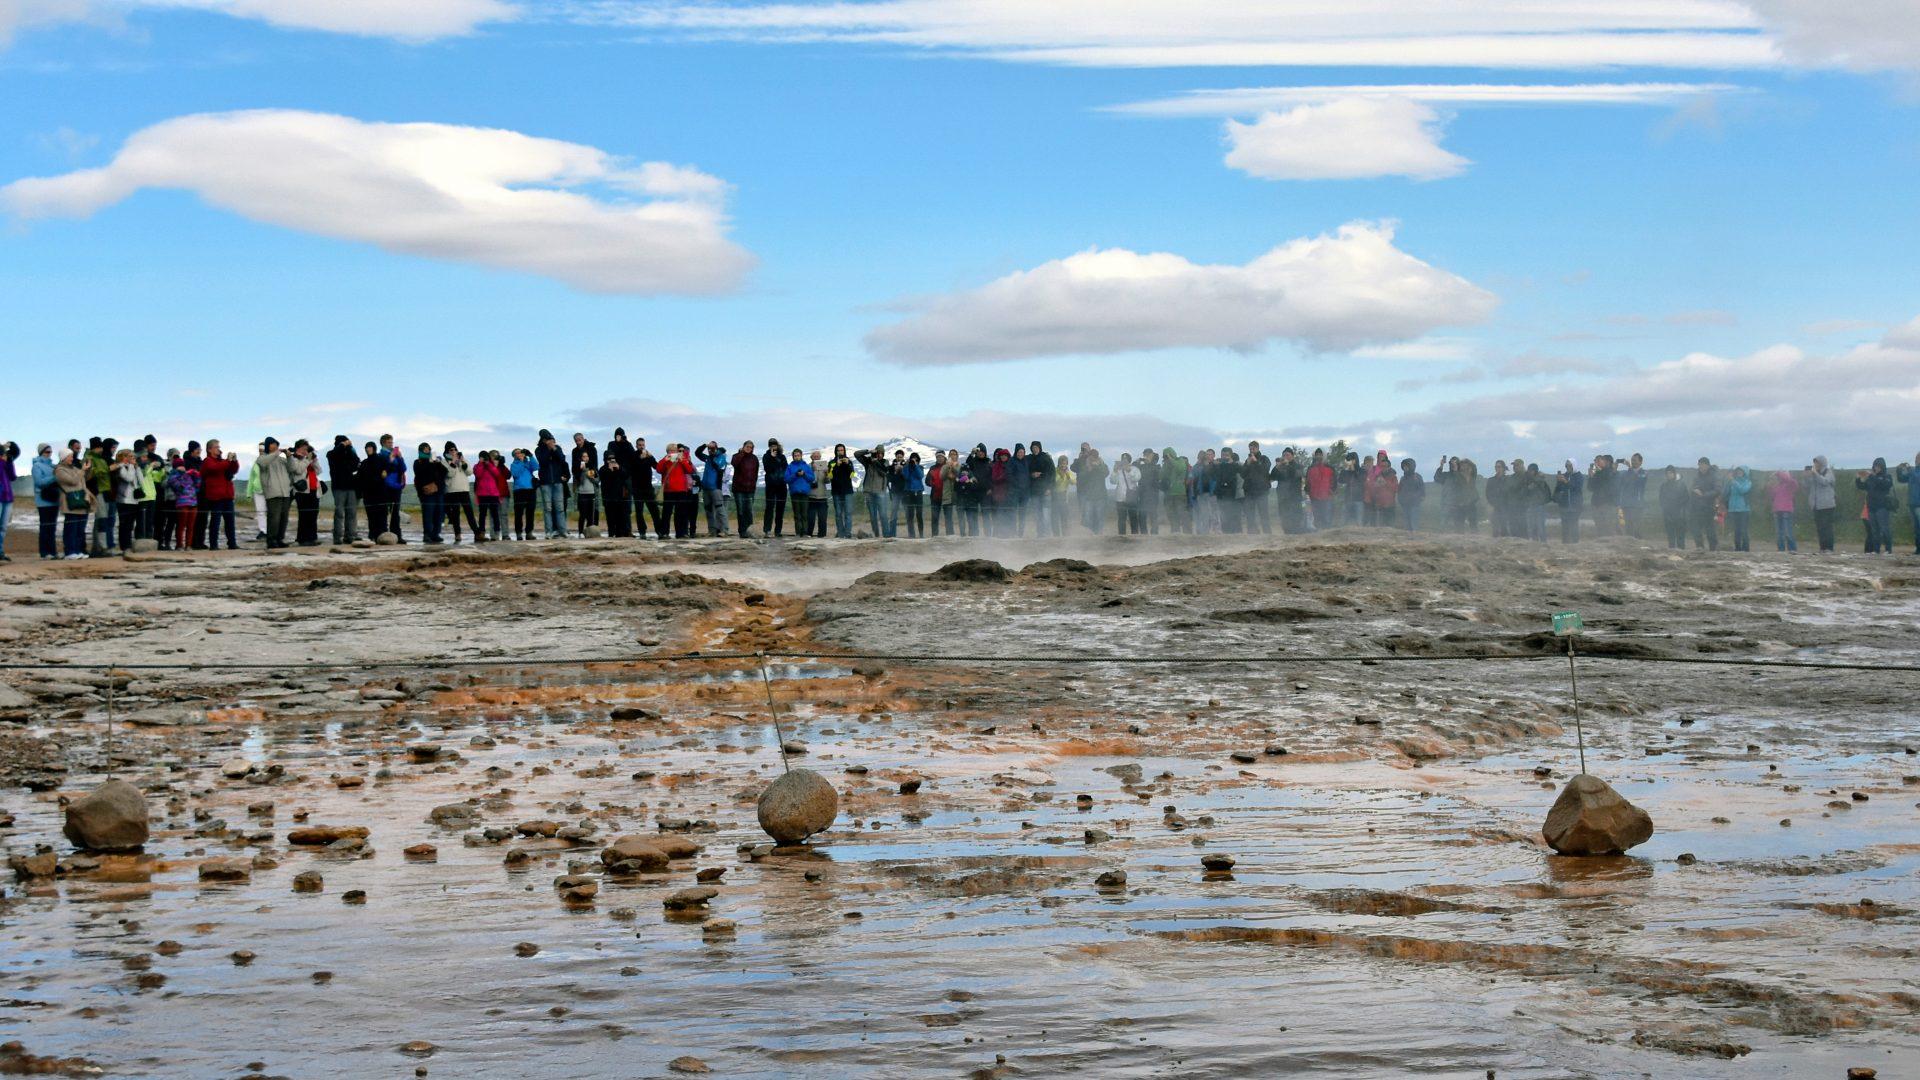 A crowd waiting waiting for the Strokkur Geyser eruption in Reykjavík, Iceland